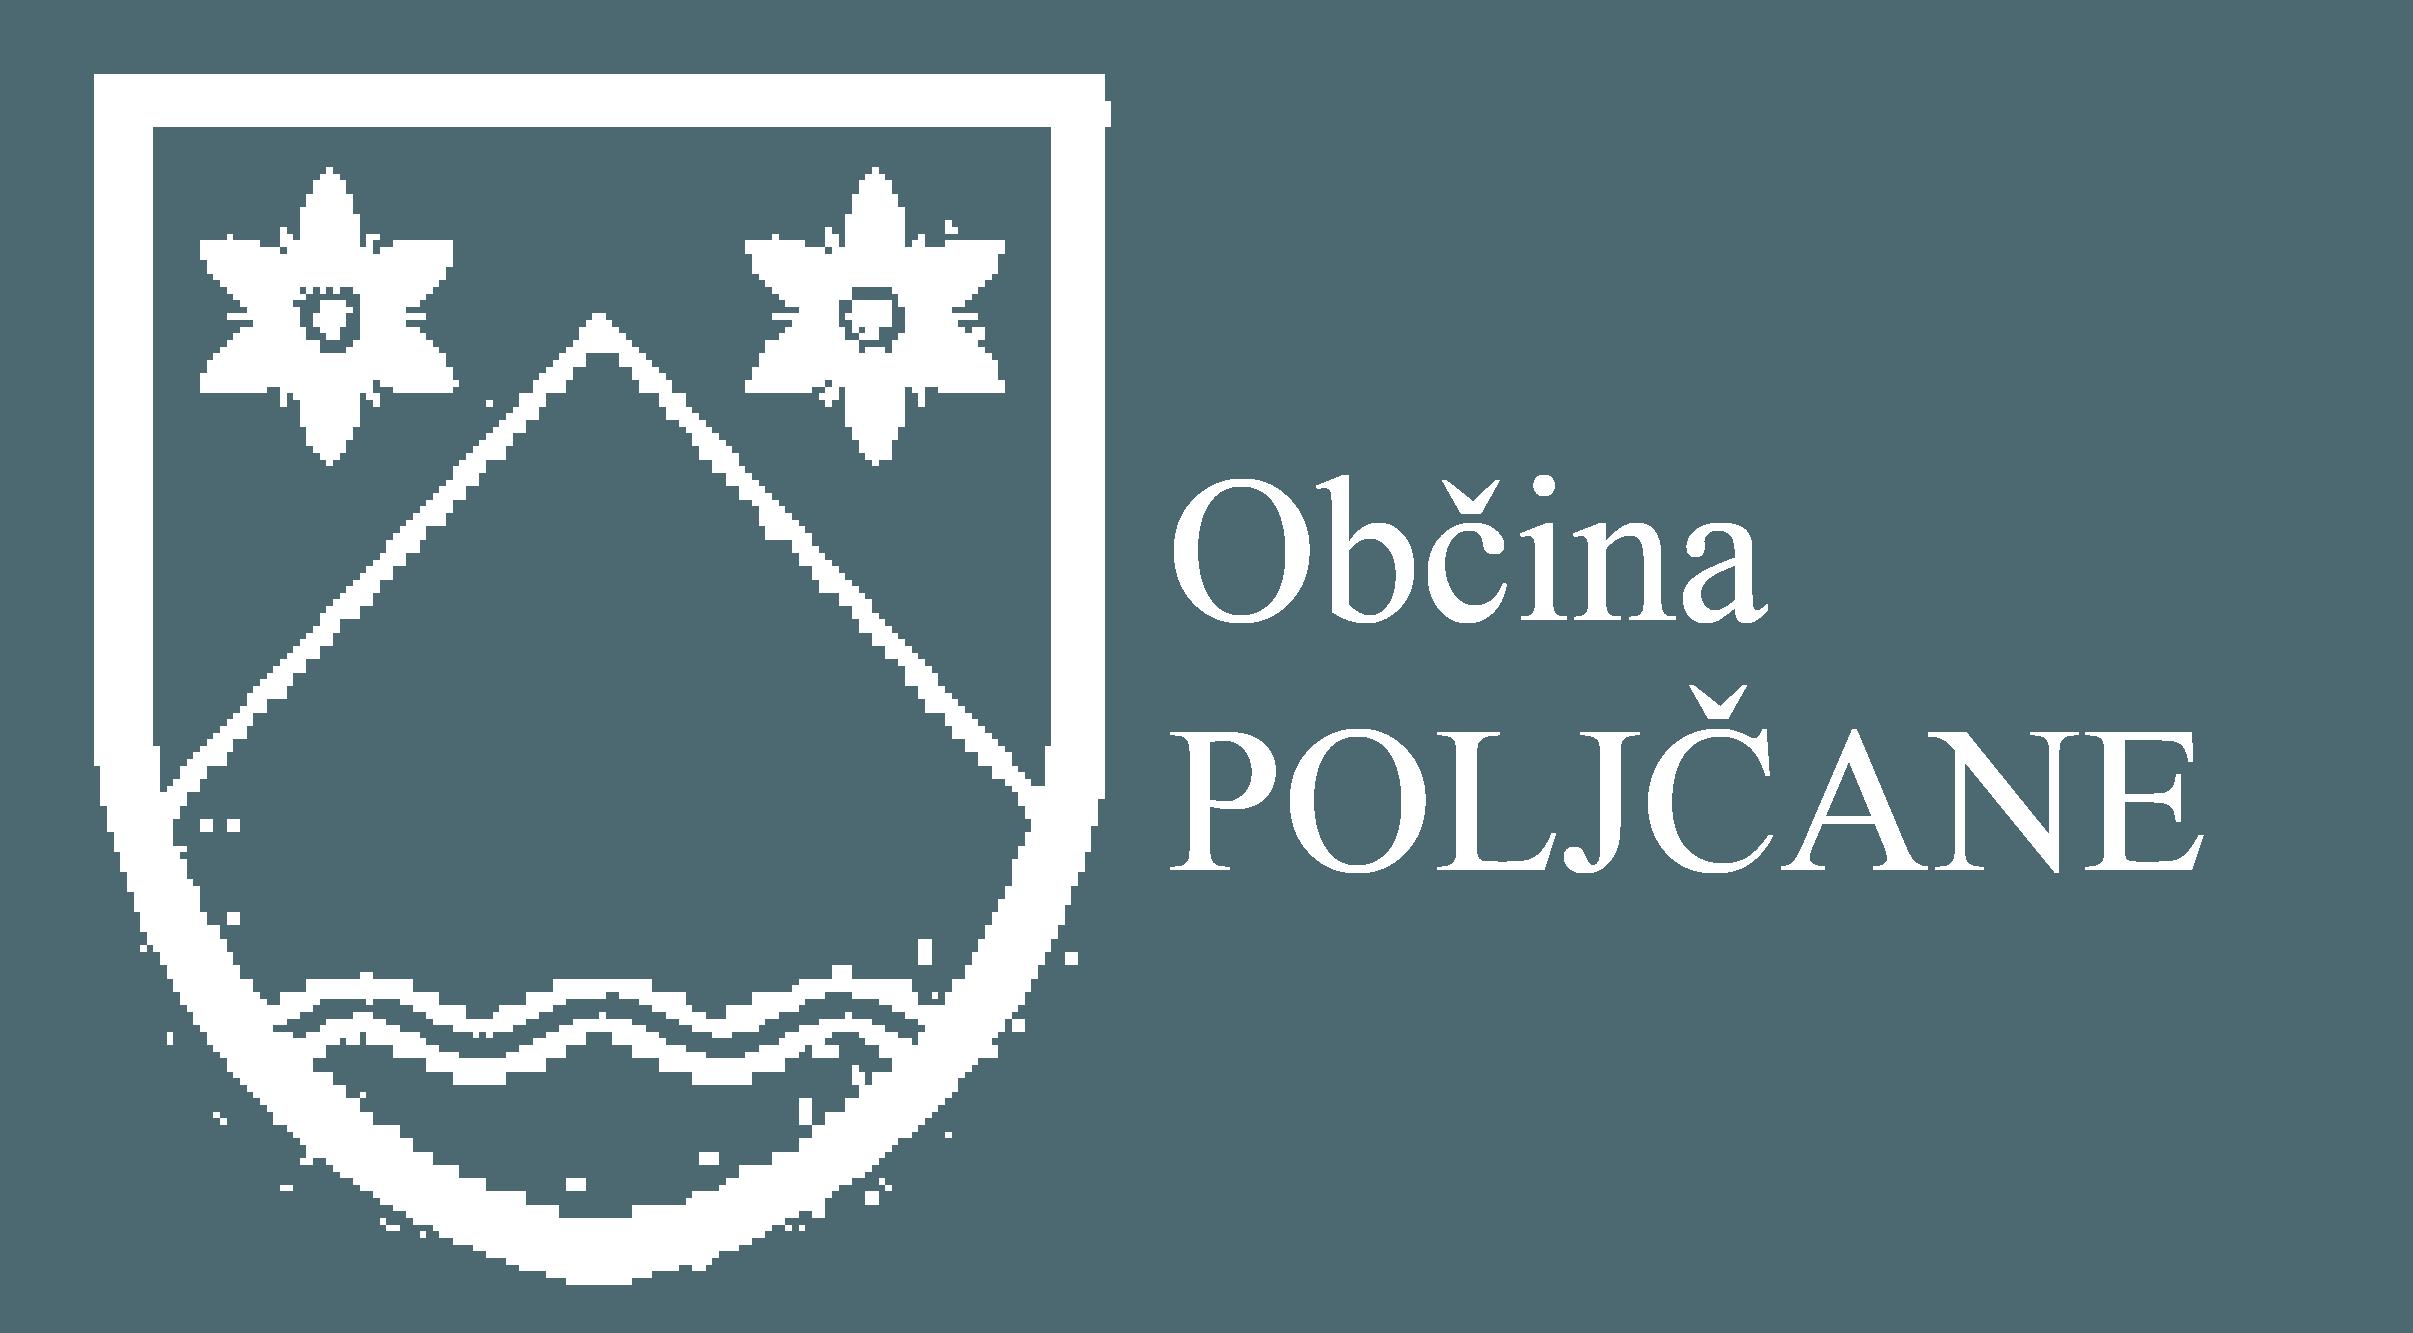 Poljčane